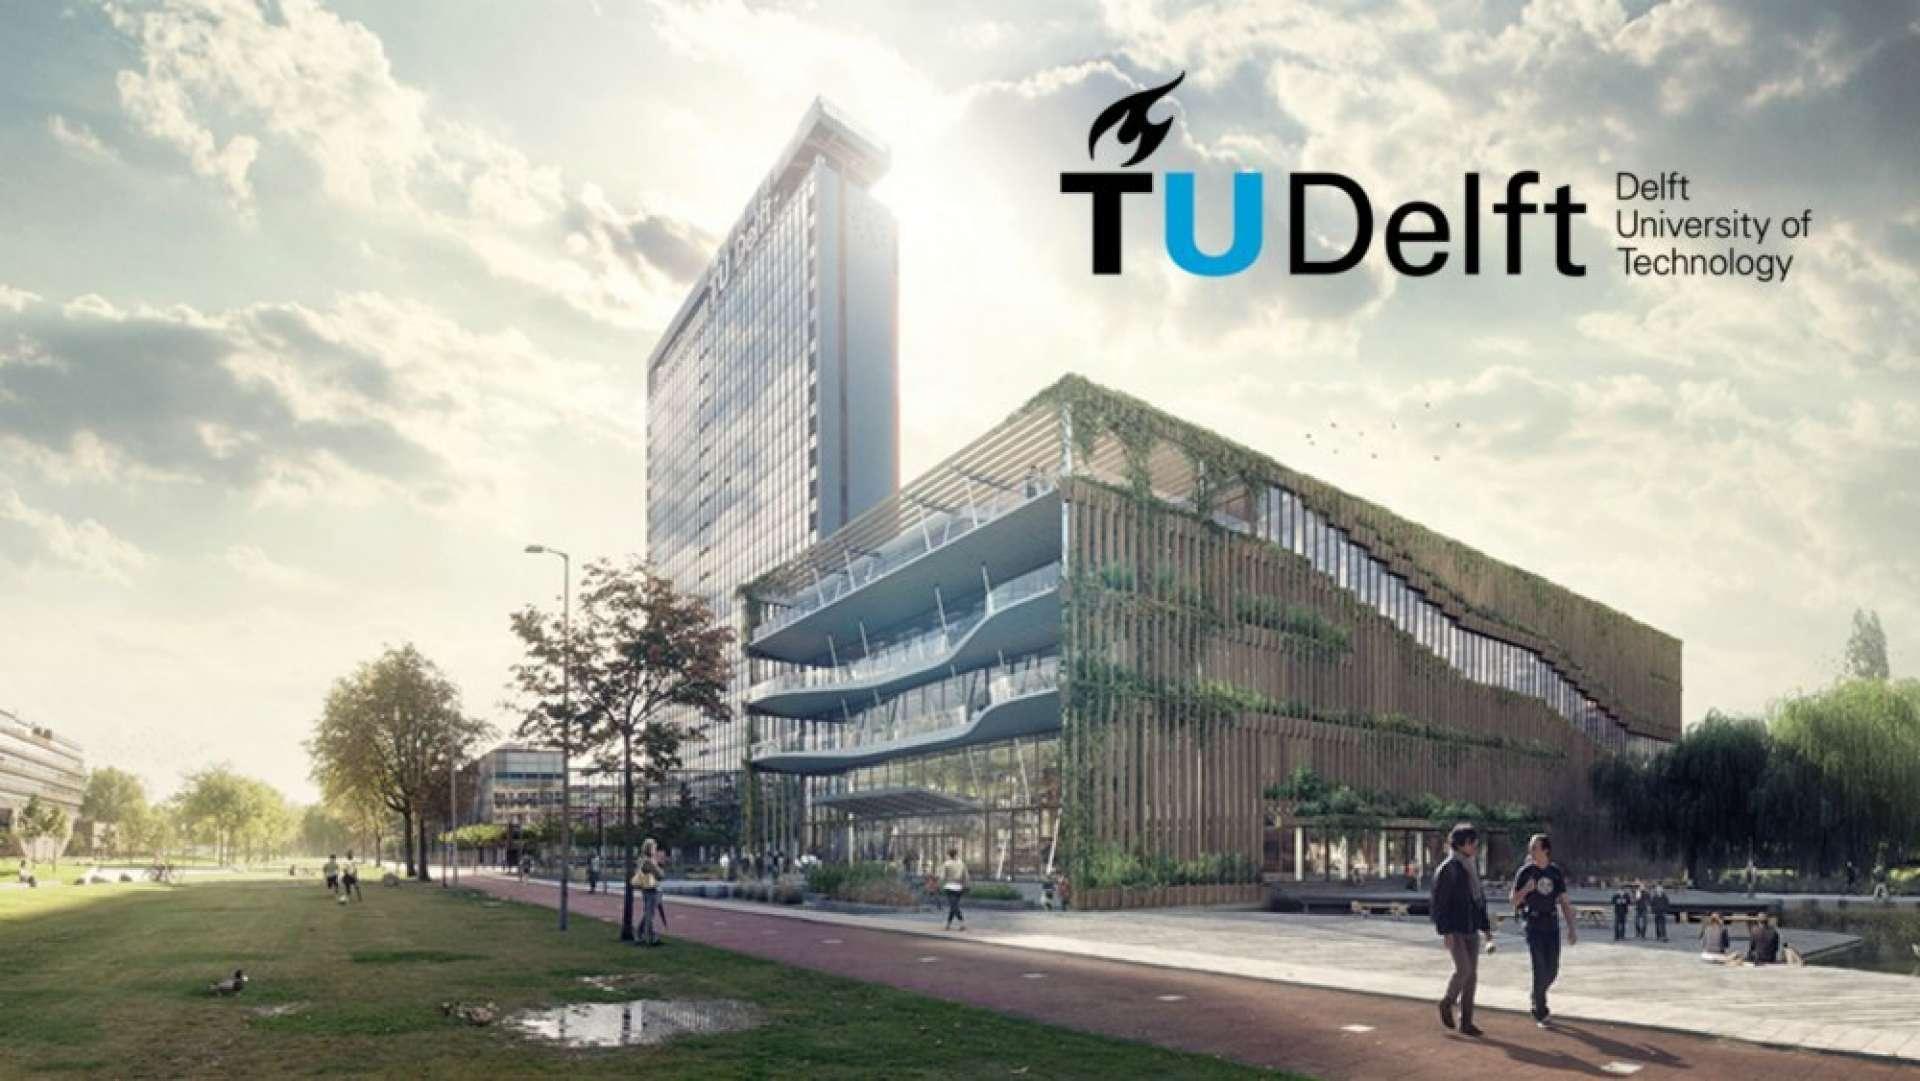 TU-Delft-building-photo-by-Frank-van-Schadewijk